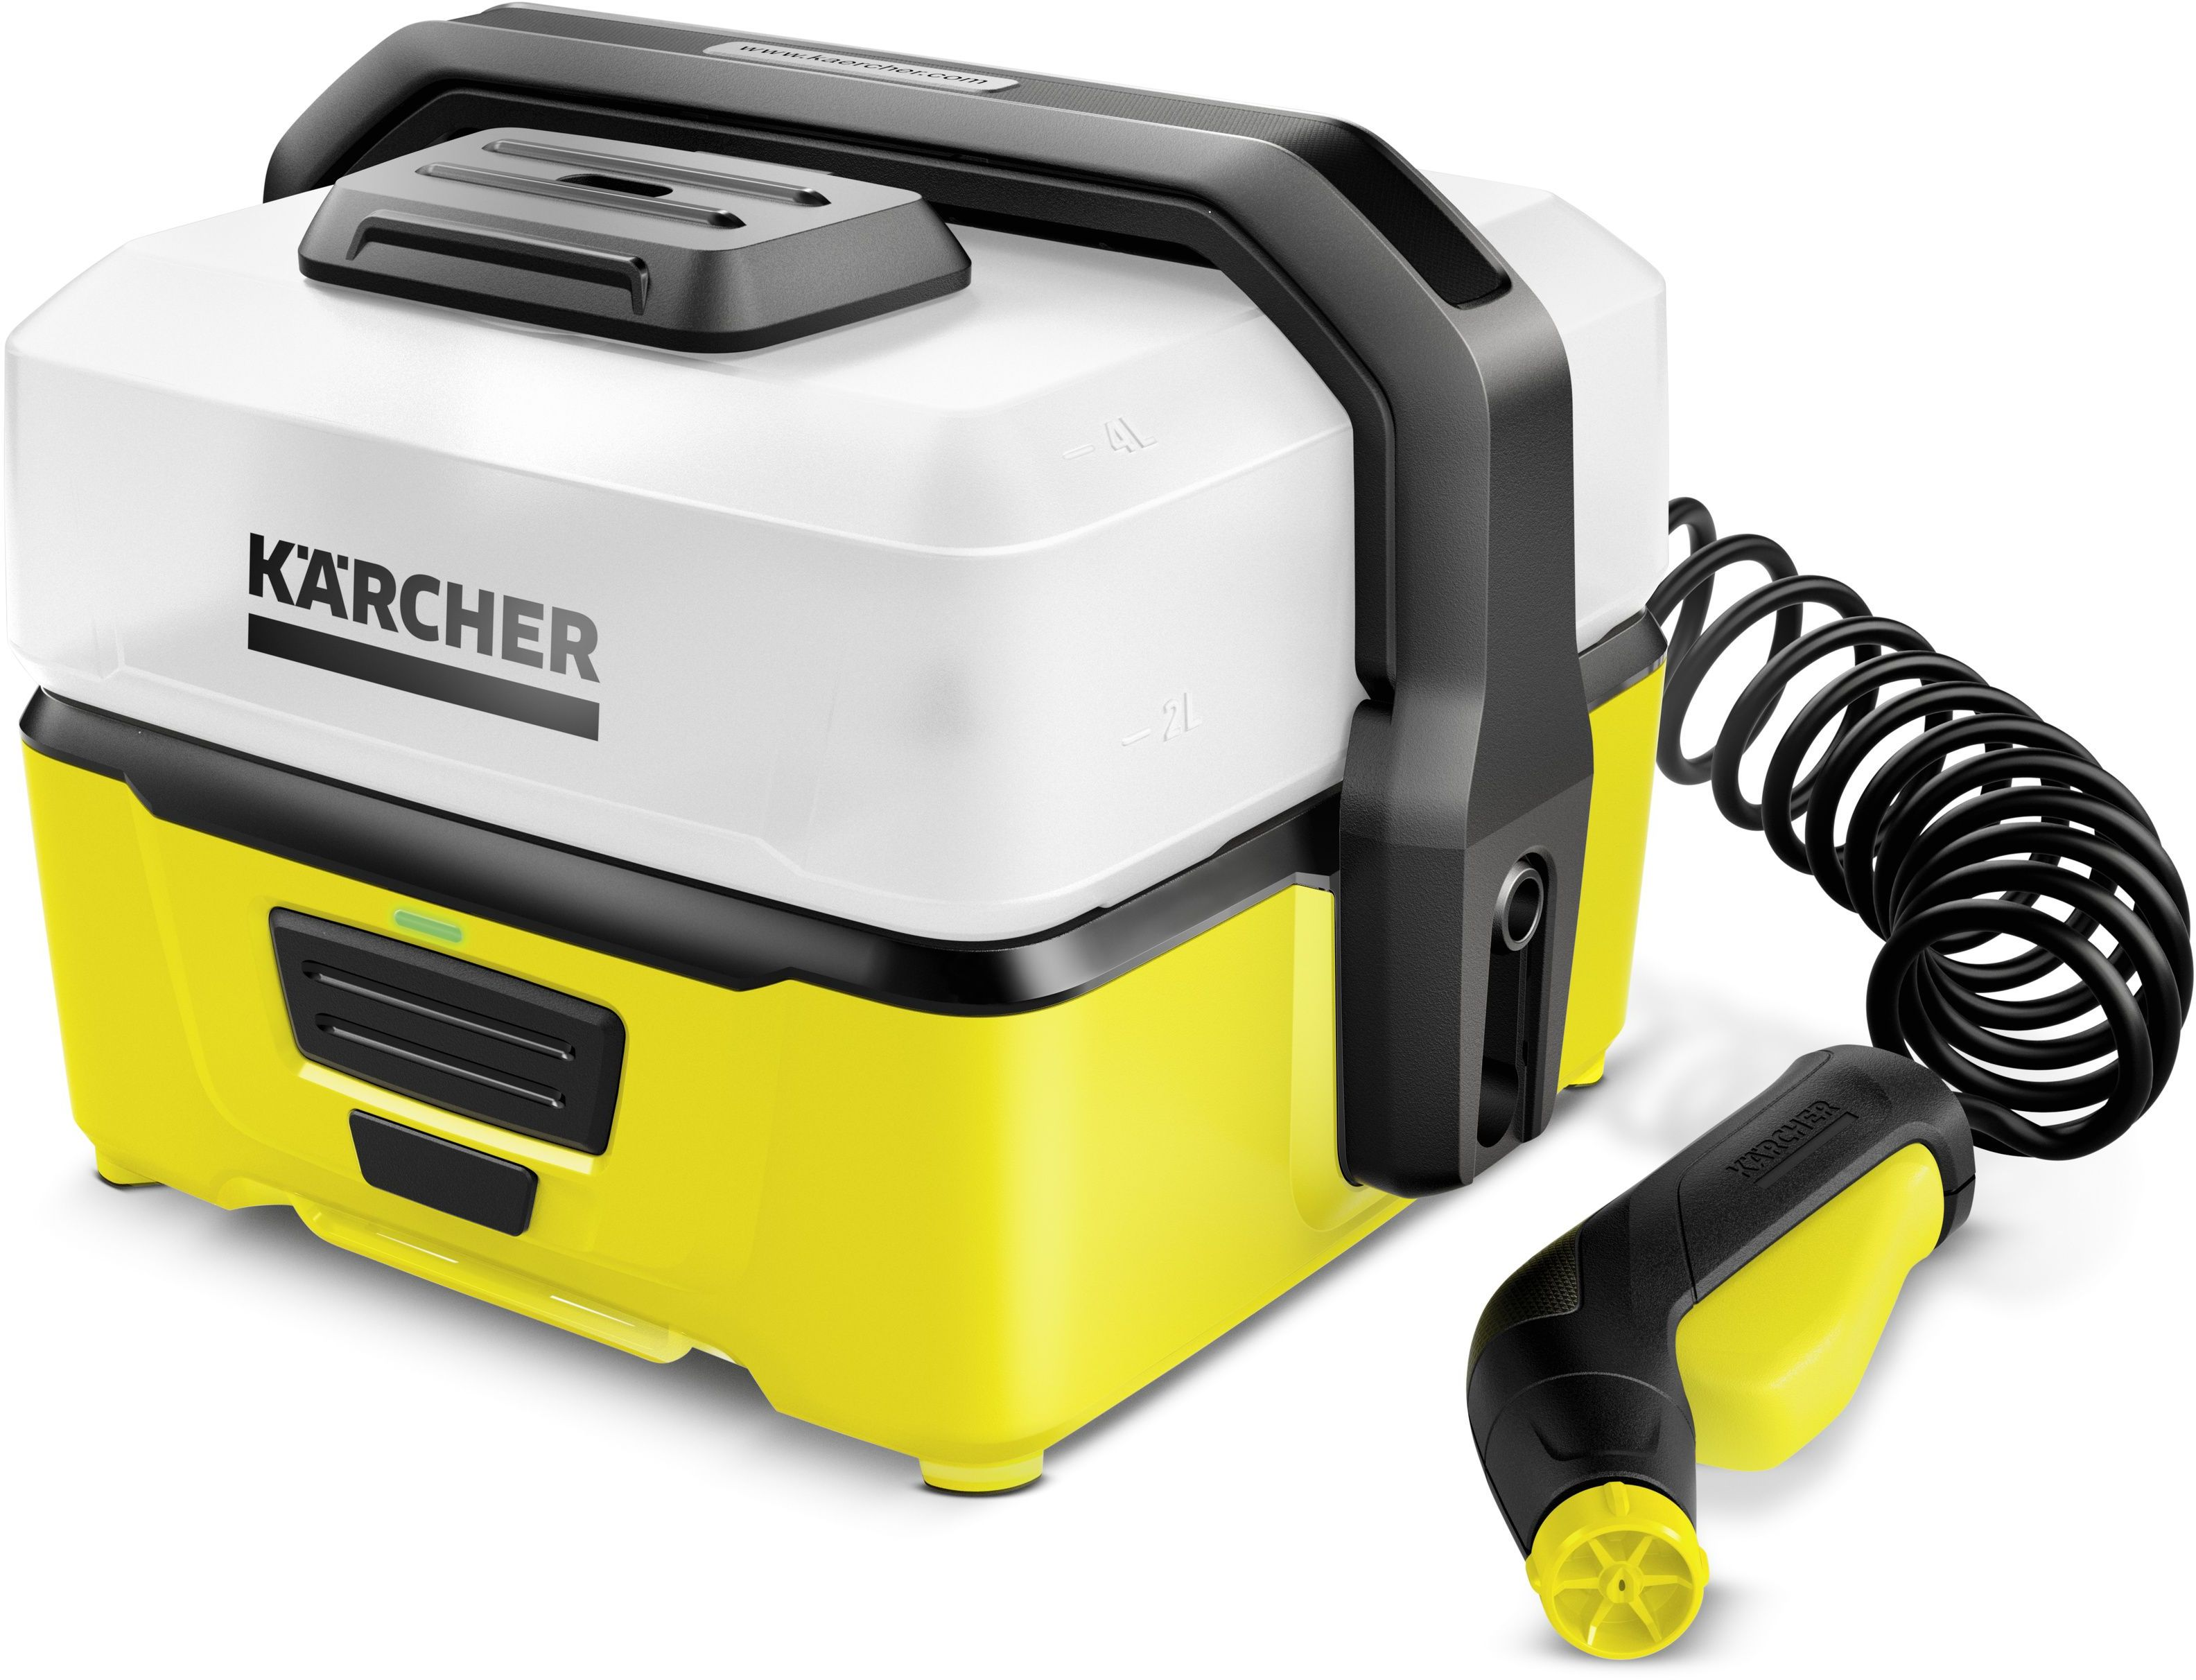 Очиститель портативный Karcher OC 3 портативный оральный water jet dental irrigator flosser зубов spa очиститель для путешествий